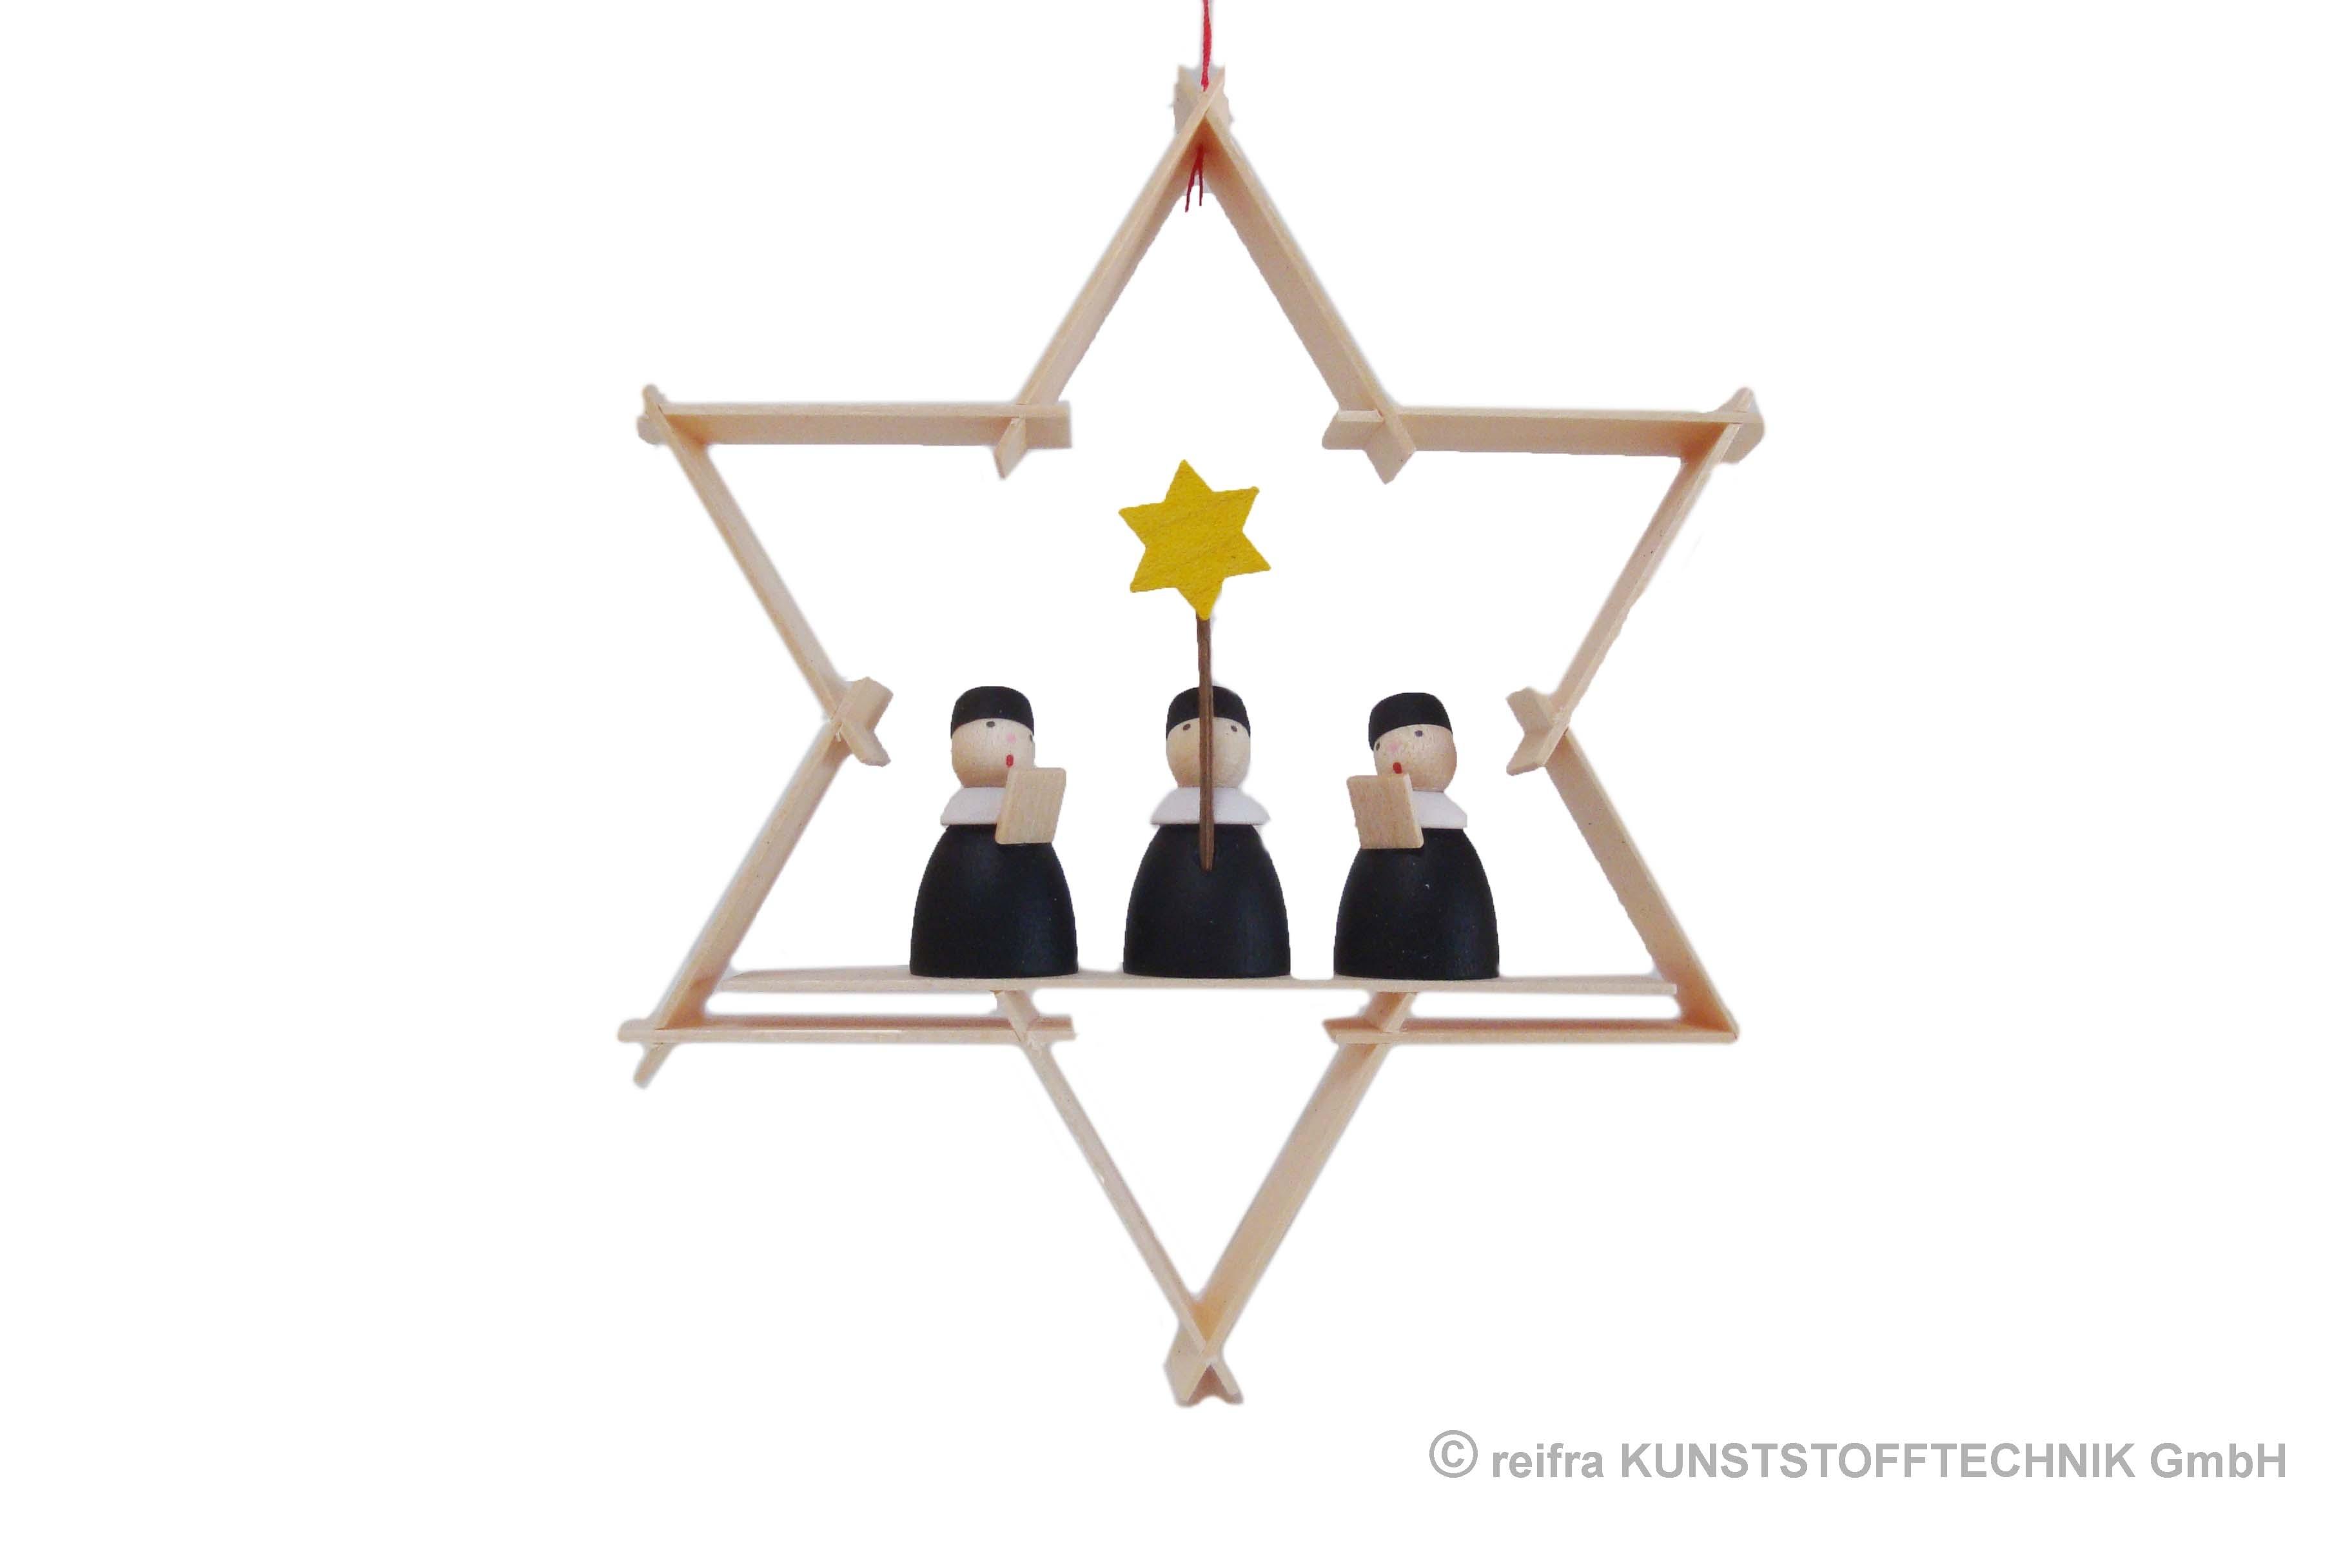 baumbehang kurrende weihnachtsdekoration historische dekorationsartikel aus pappe papier. Black Bedroom Furniture Sets. Home Design Ideas